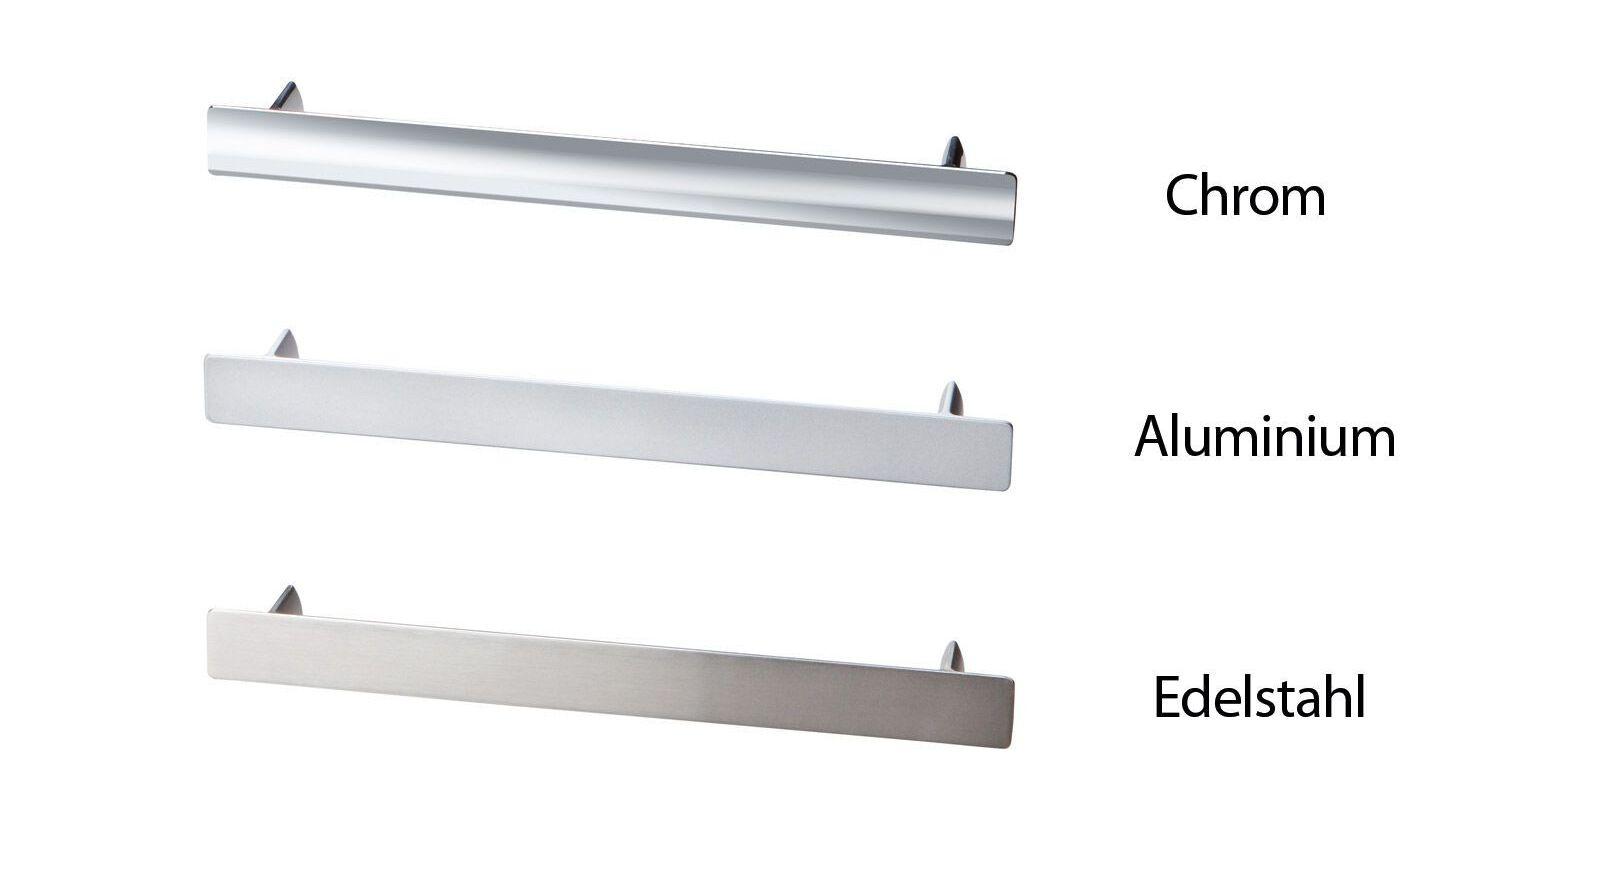 Übersicht der Kommodengriffe in Chrom, Aluminium und Edelstahl